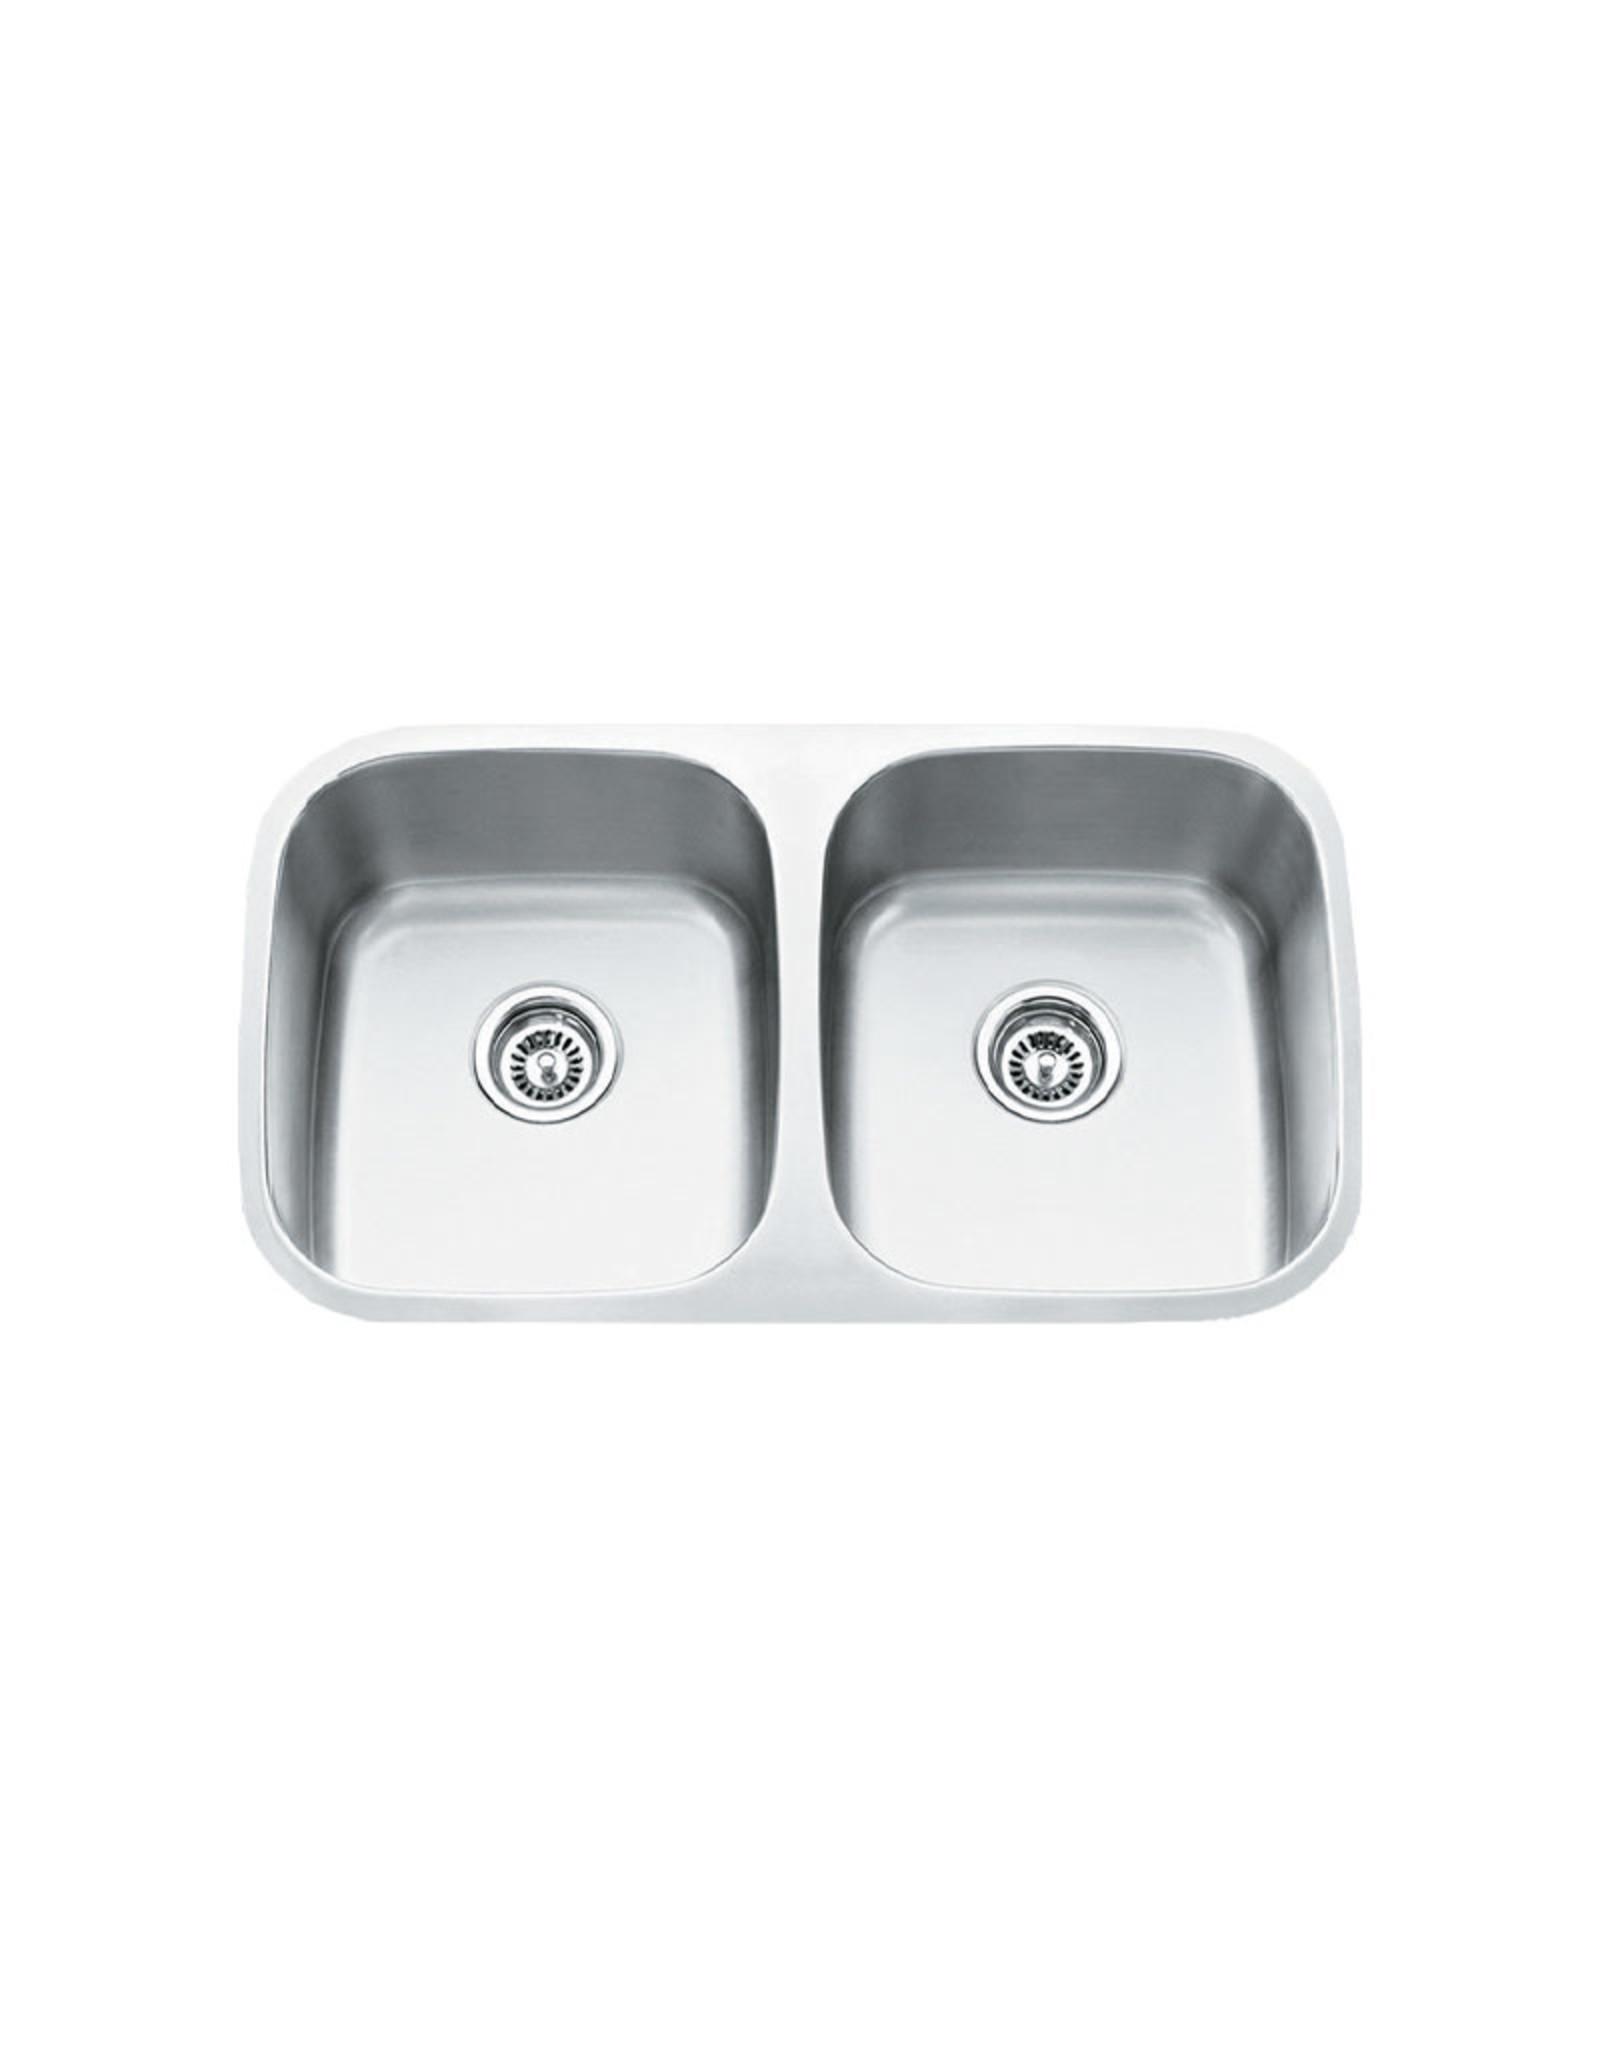 vogt vogt modena undermount kitchen sink double bowl 50 50 32 x 18 x 9